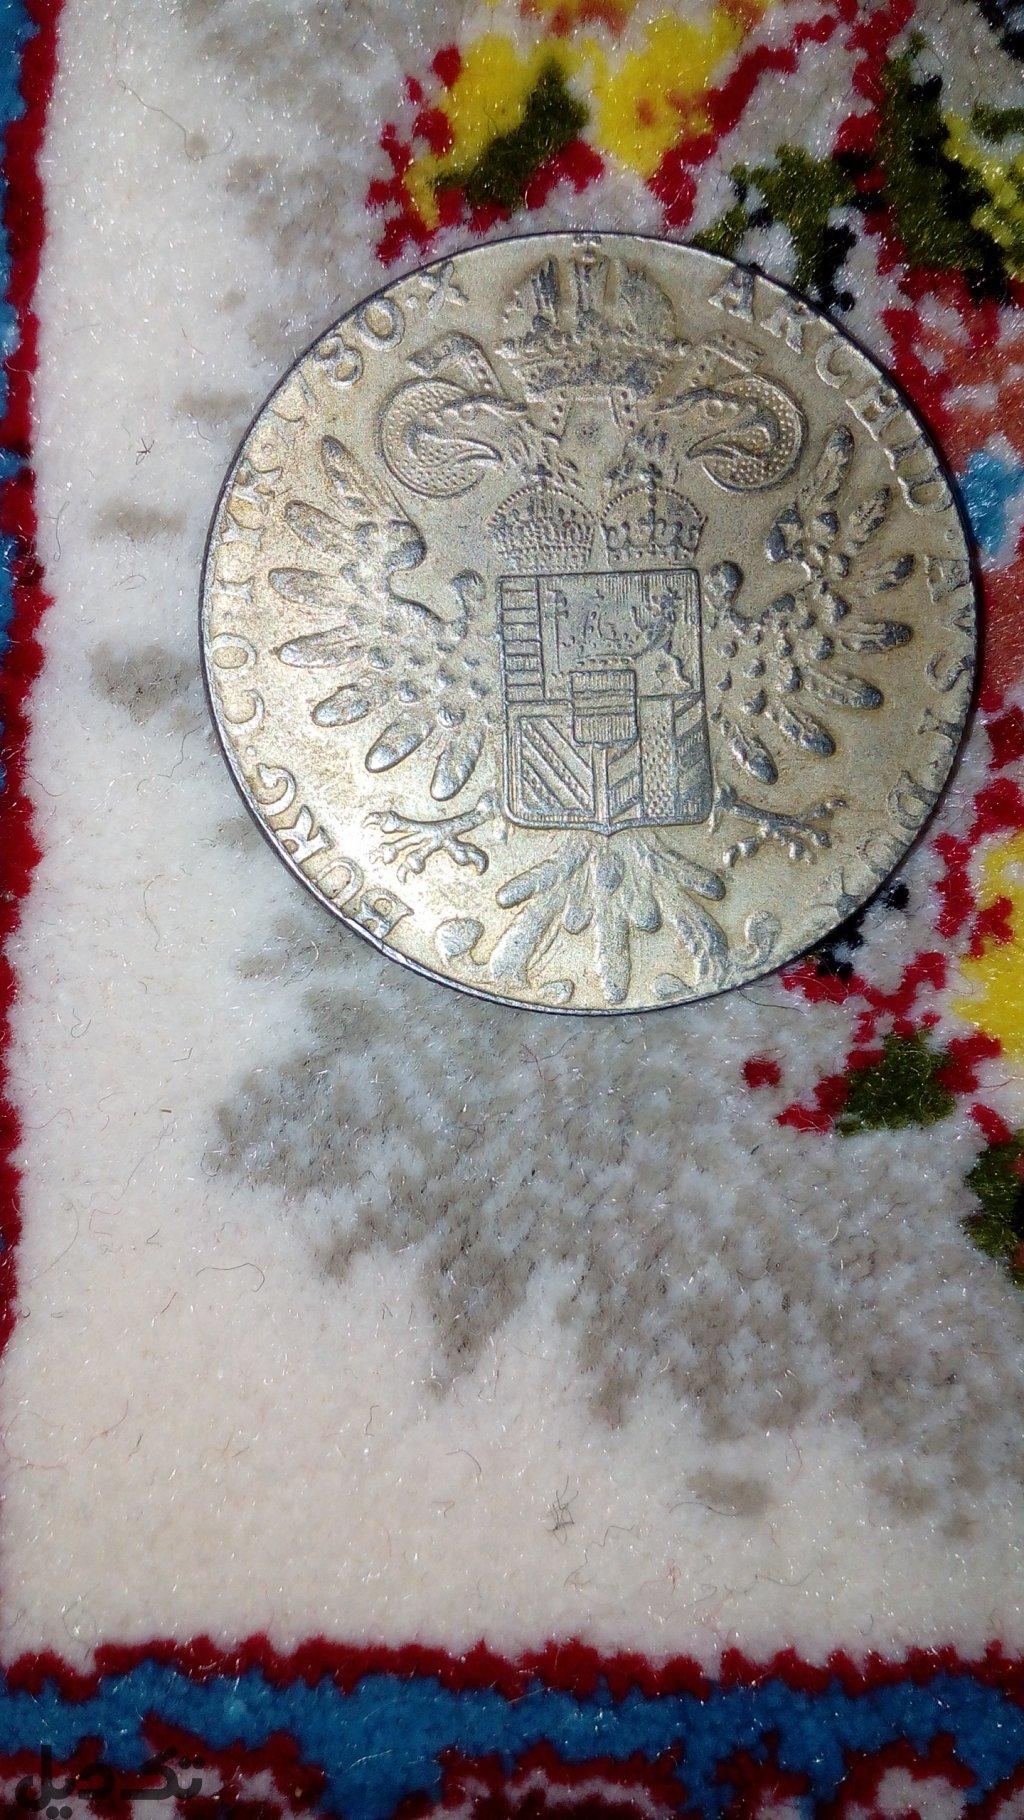 سکه ملکه اتریش